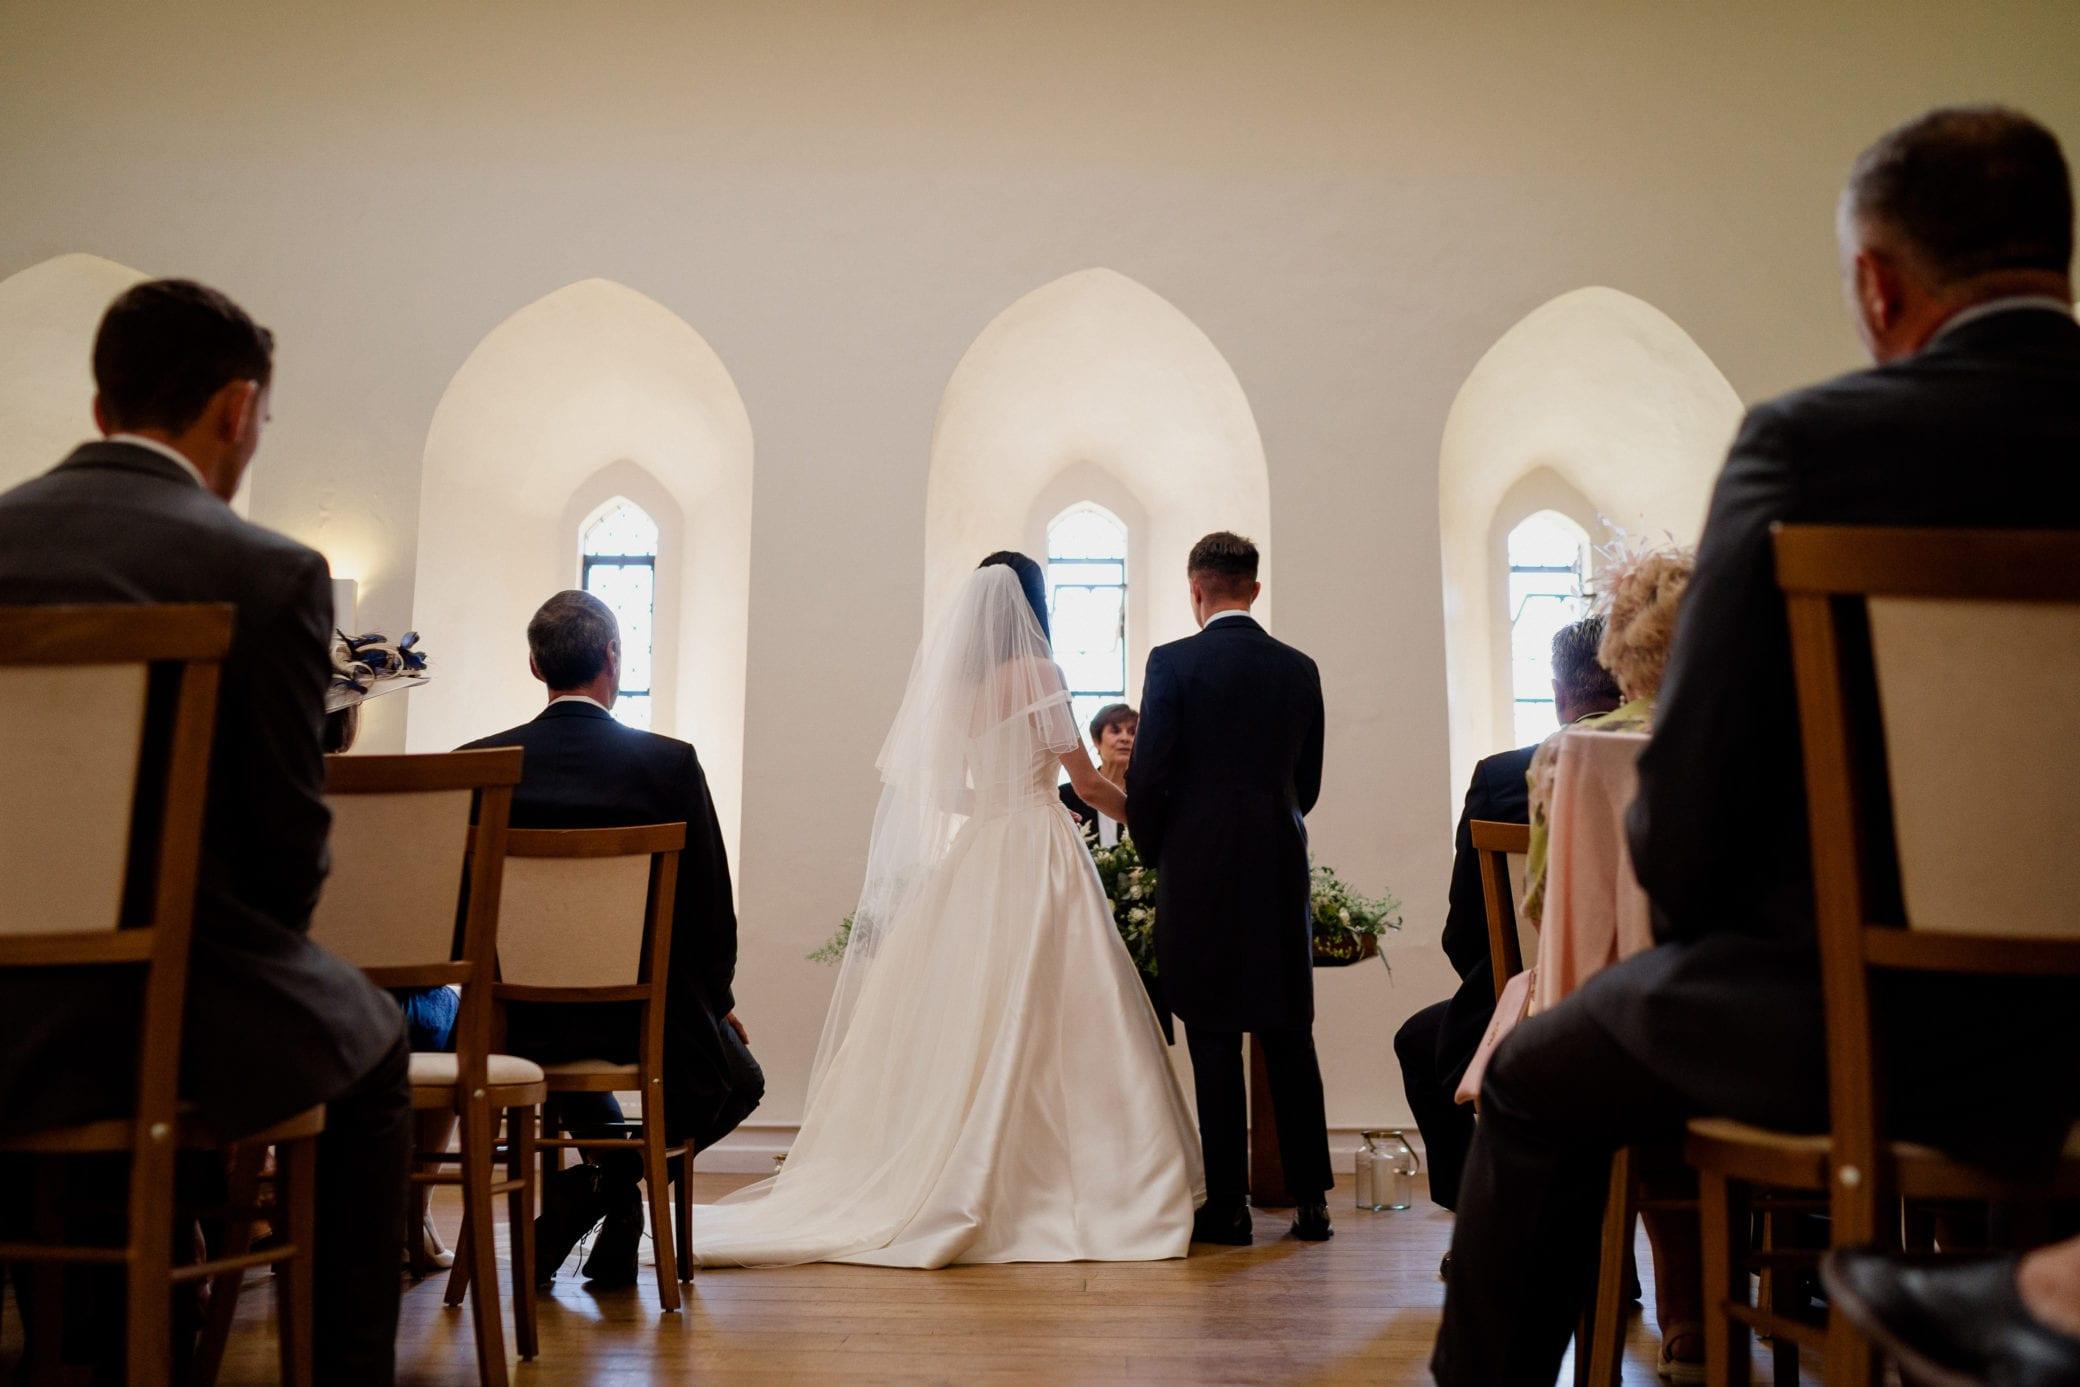 Surrey wedding ceremonies